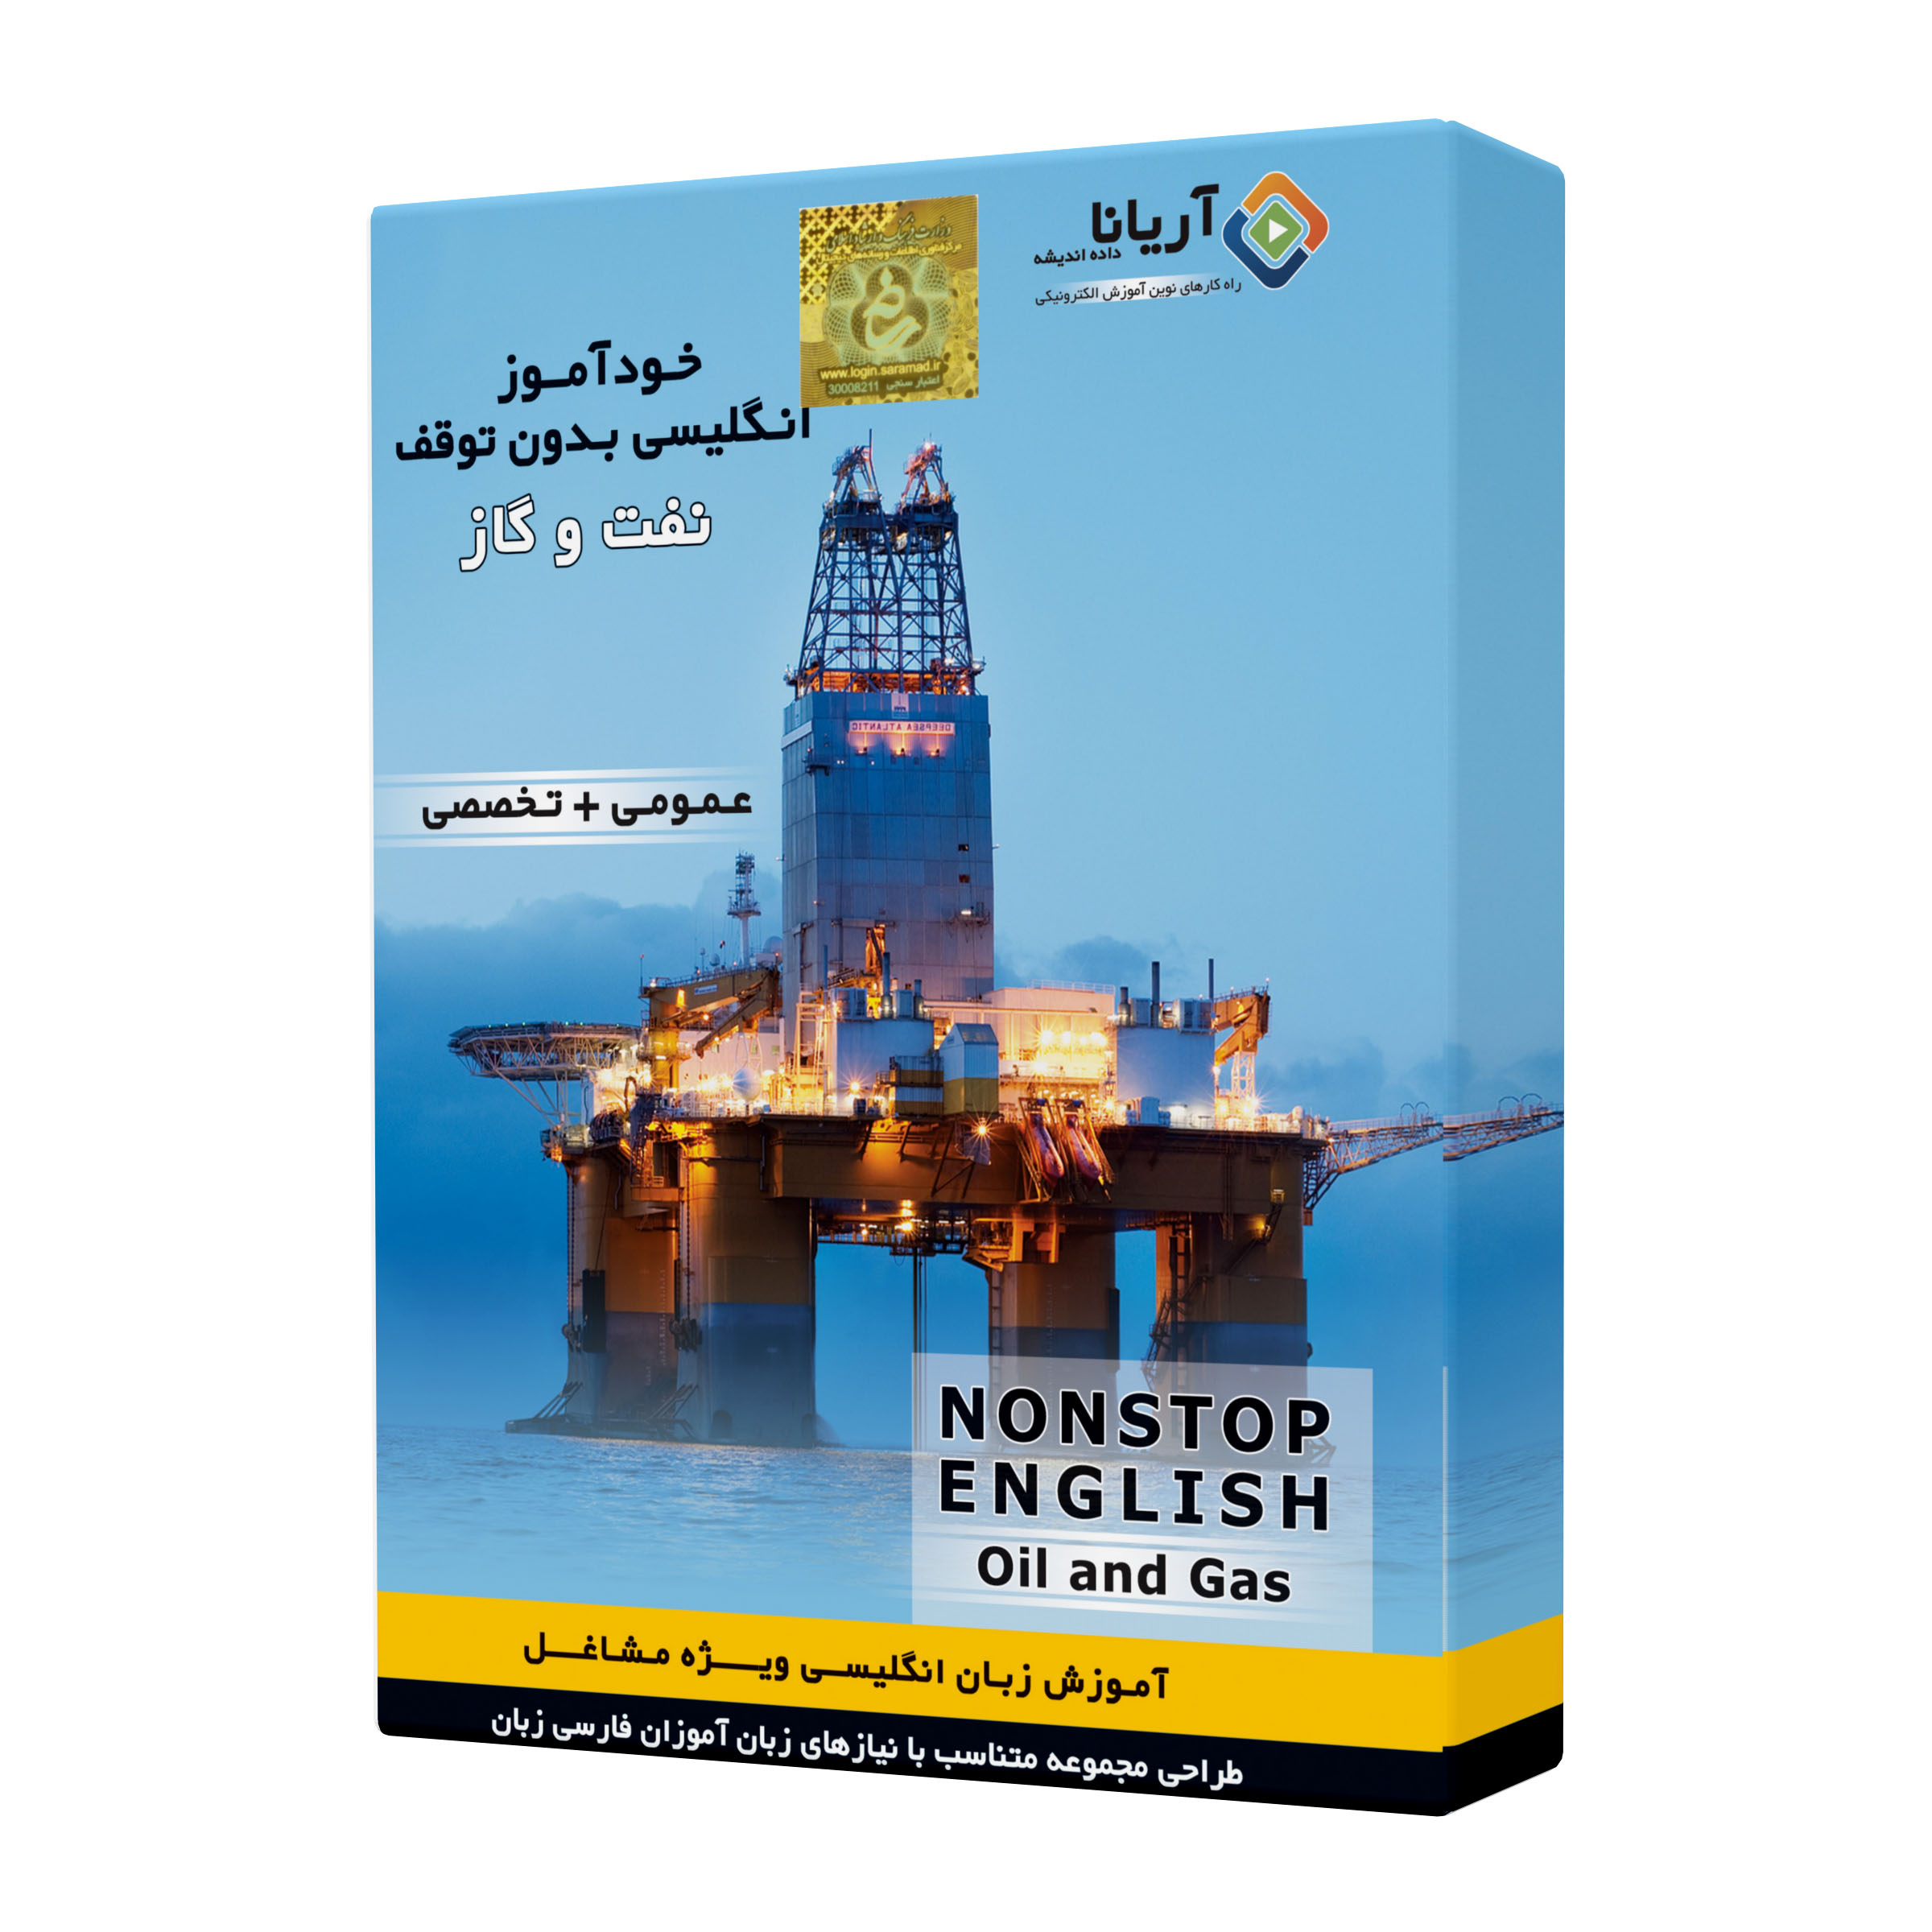 نرم آموزش زبان انگلیسی نفت و گاز نشر آریانا داده اندیشه